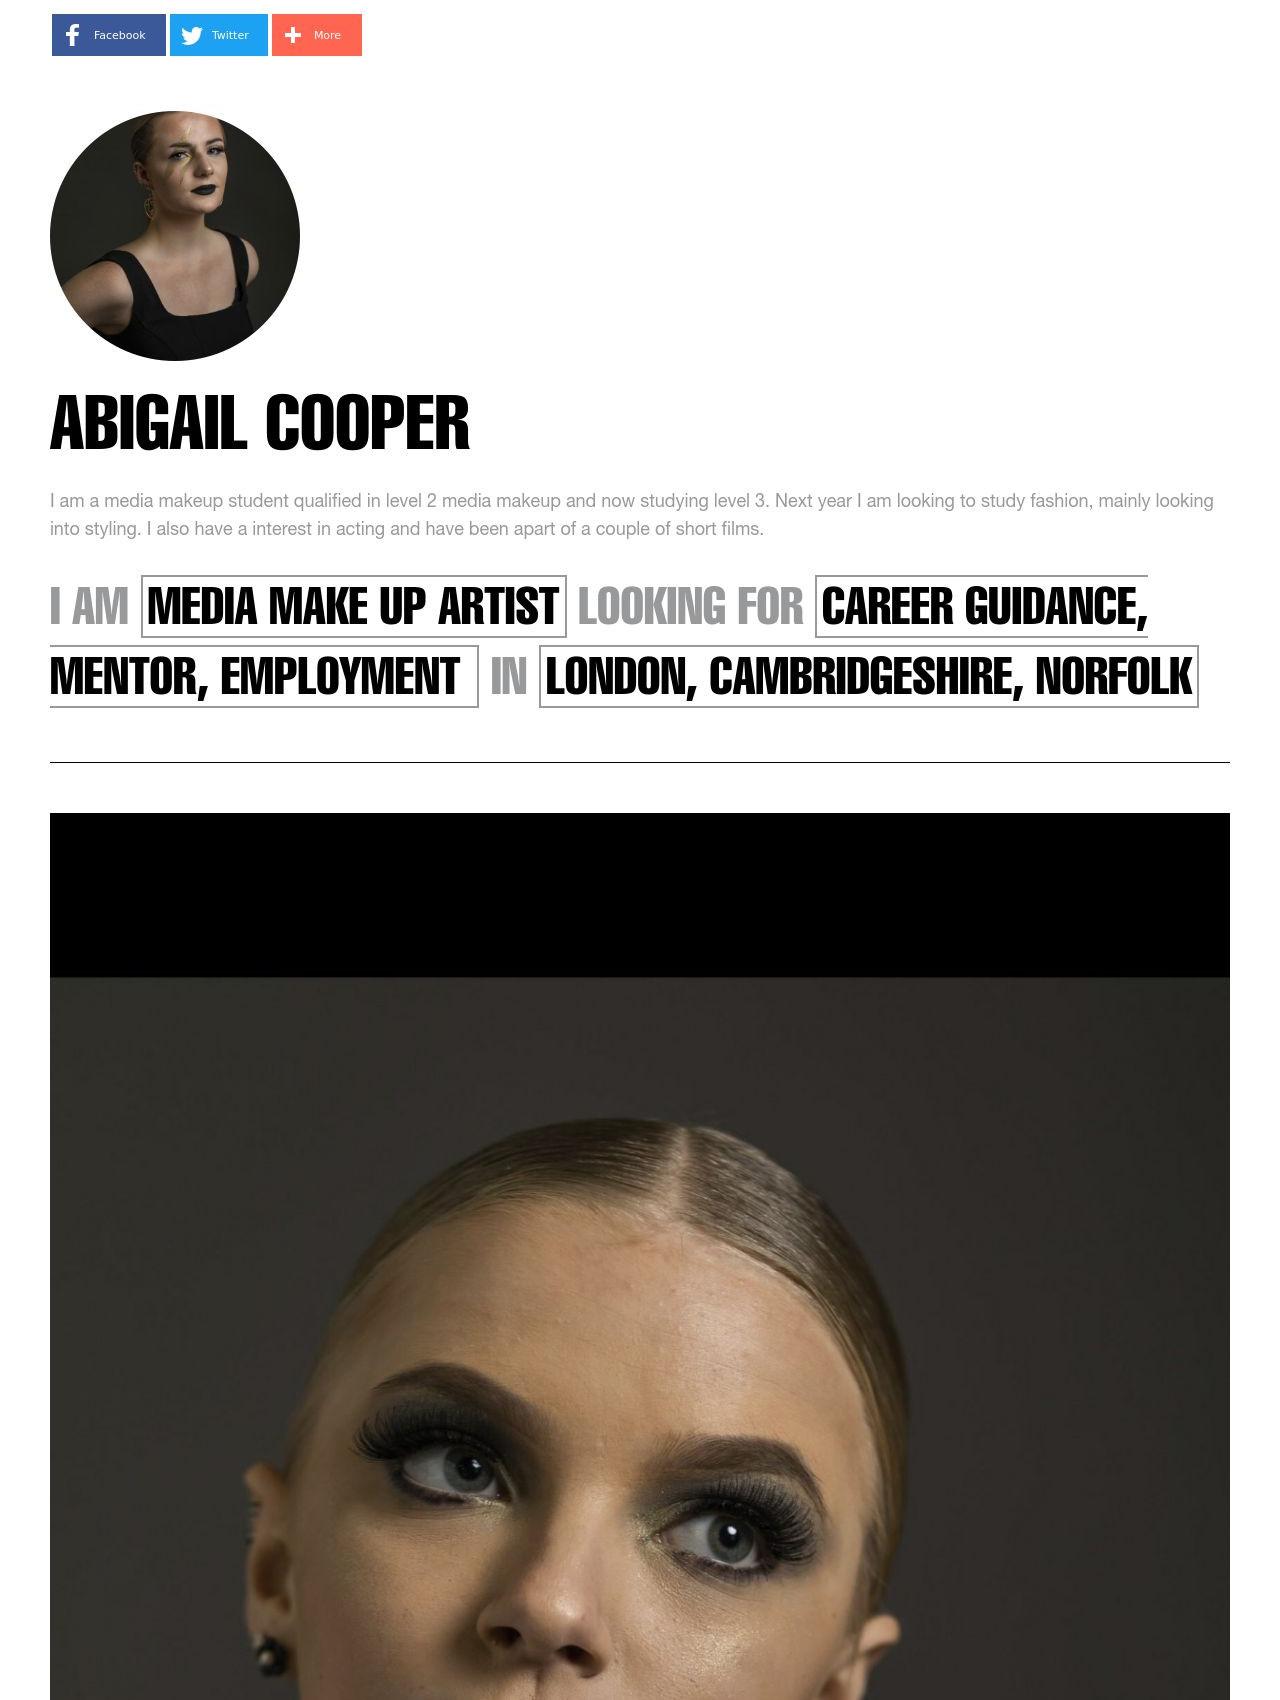 Abigail Cooper